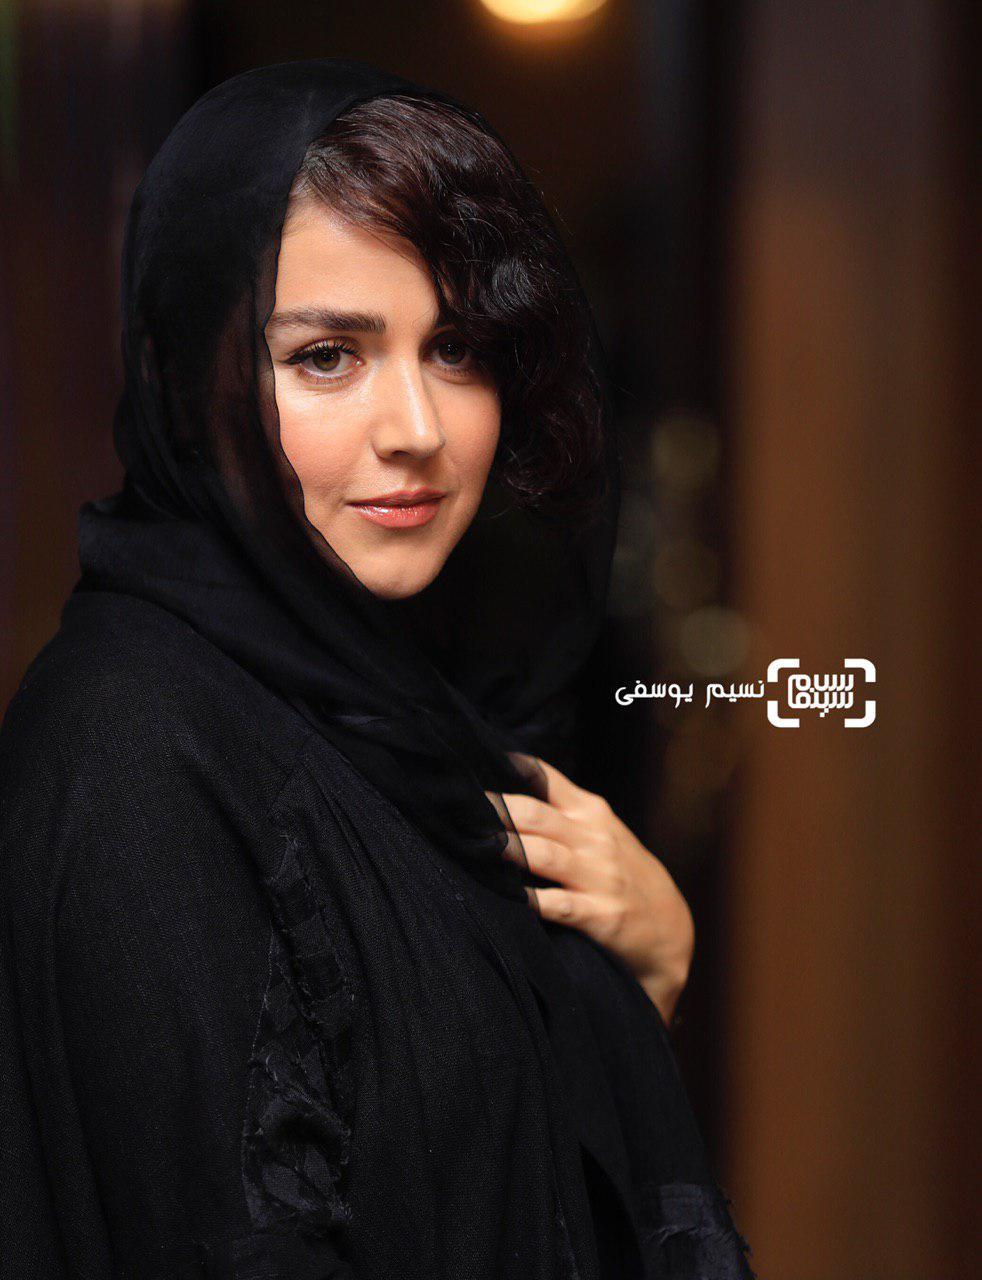 افسانه پاکرو - پنجمین جشن عکاسان سینمای ایران/ گزارش تصویری